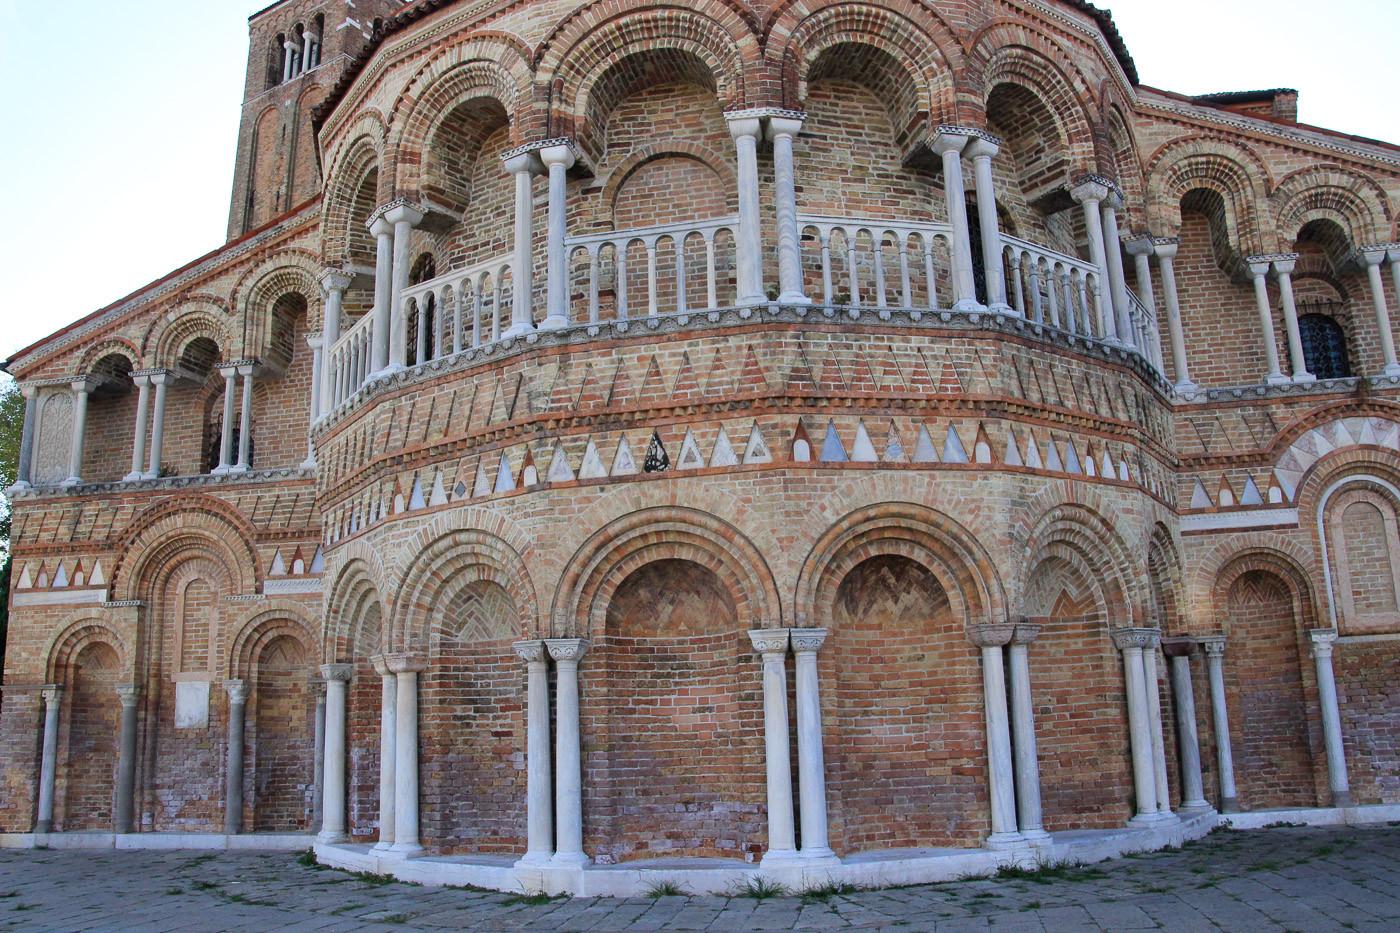 Basílica de Santa María e Donato